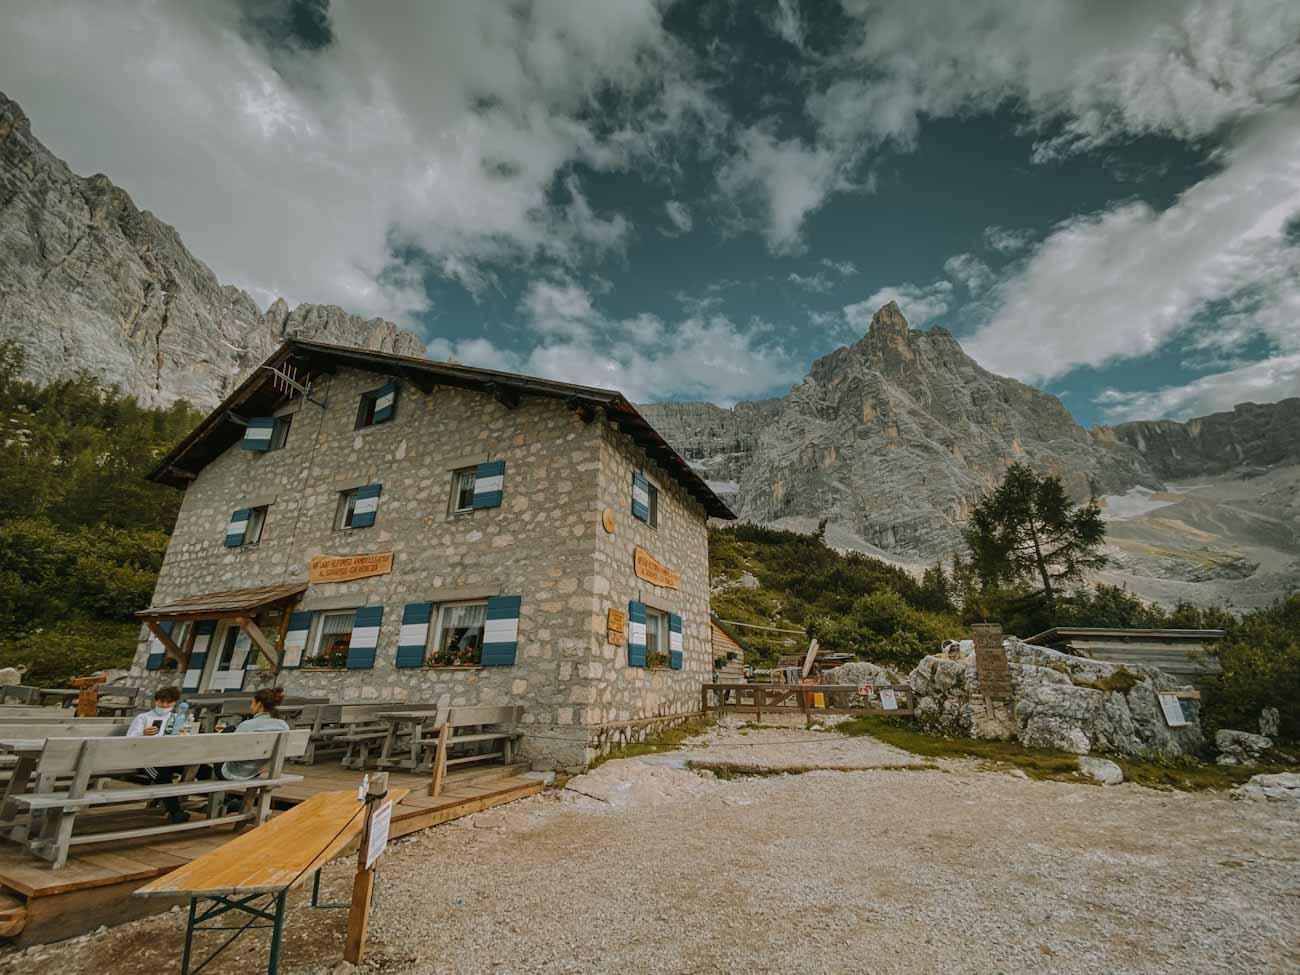 schronisko Rifugio Vandelli w Dolomitach, Alpy, góry, włochy latem, trekking